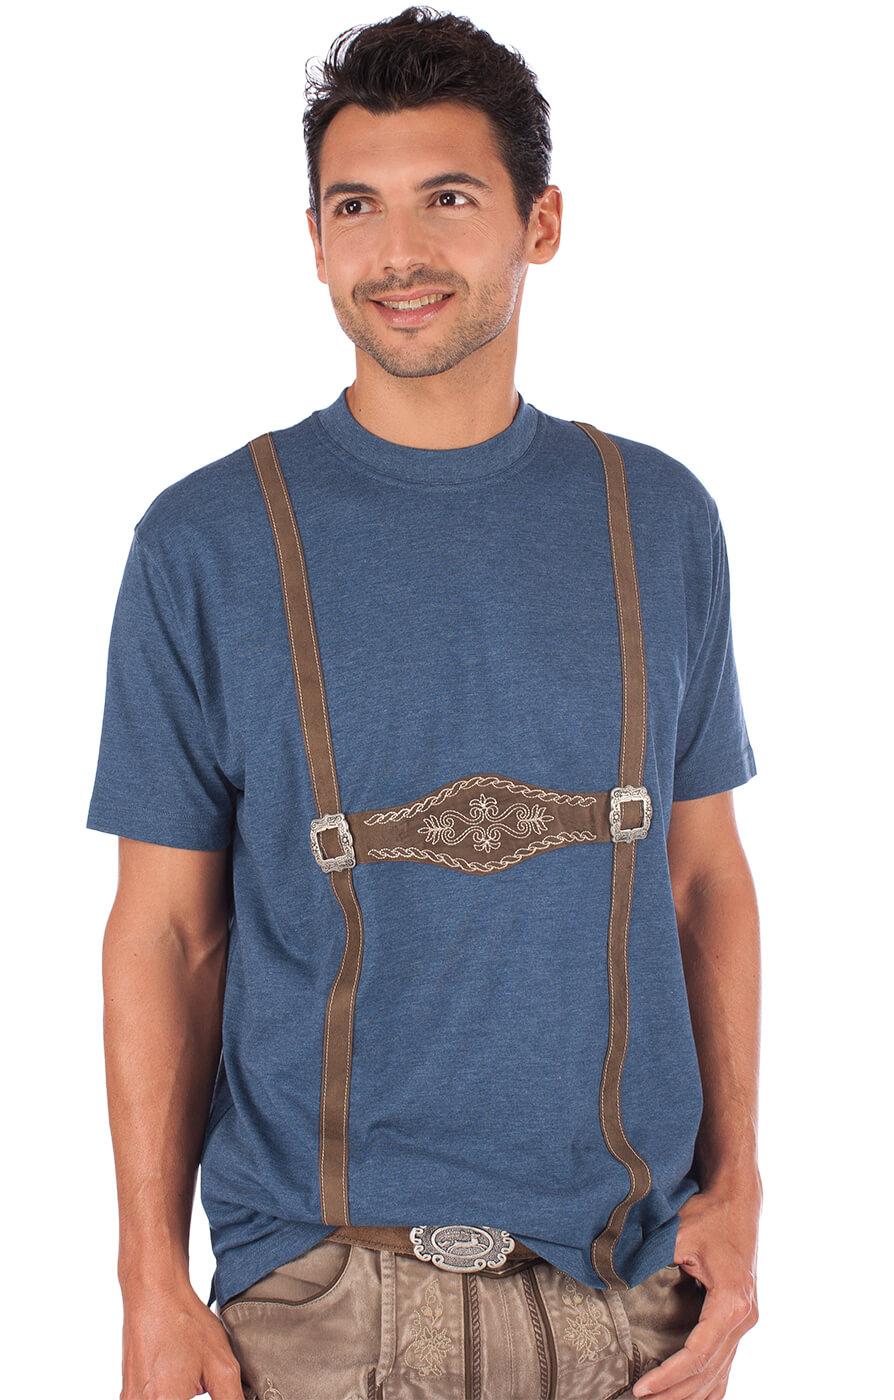 Traditional German T-Shirt 928001-3460-42 blue von OS-Trachten